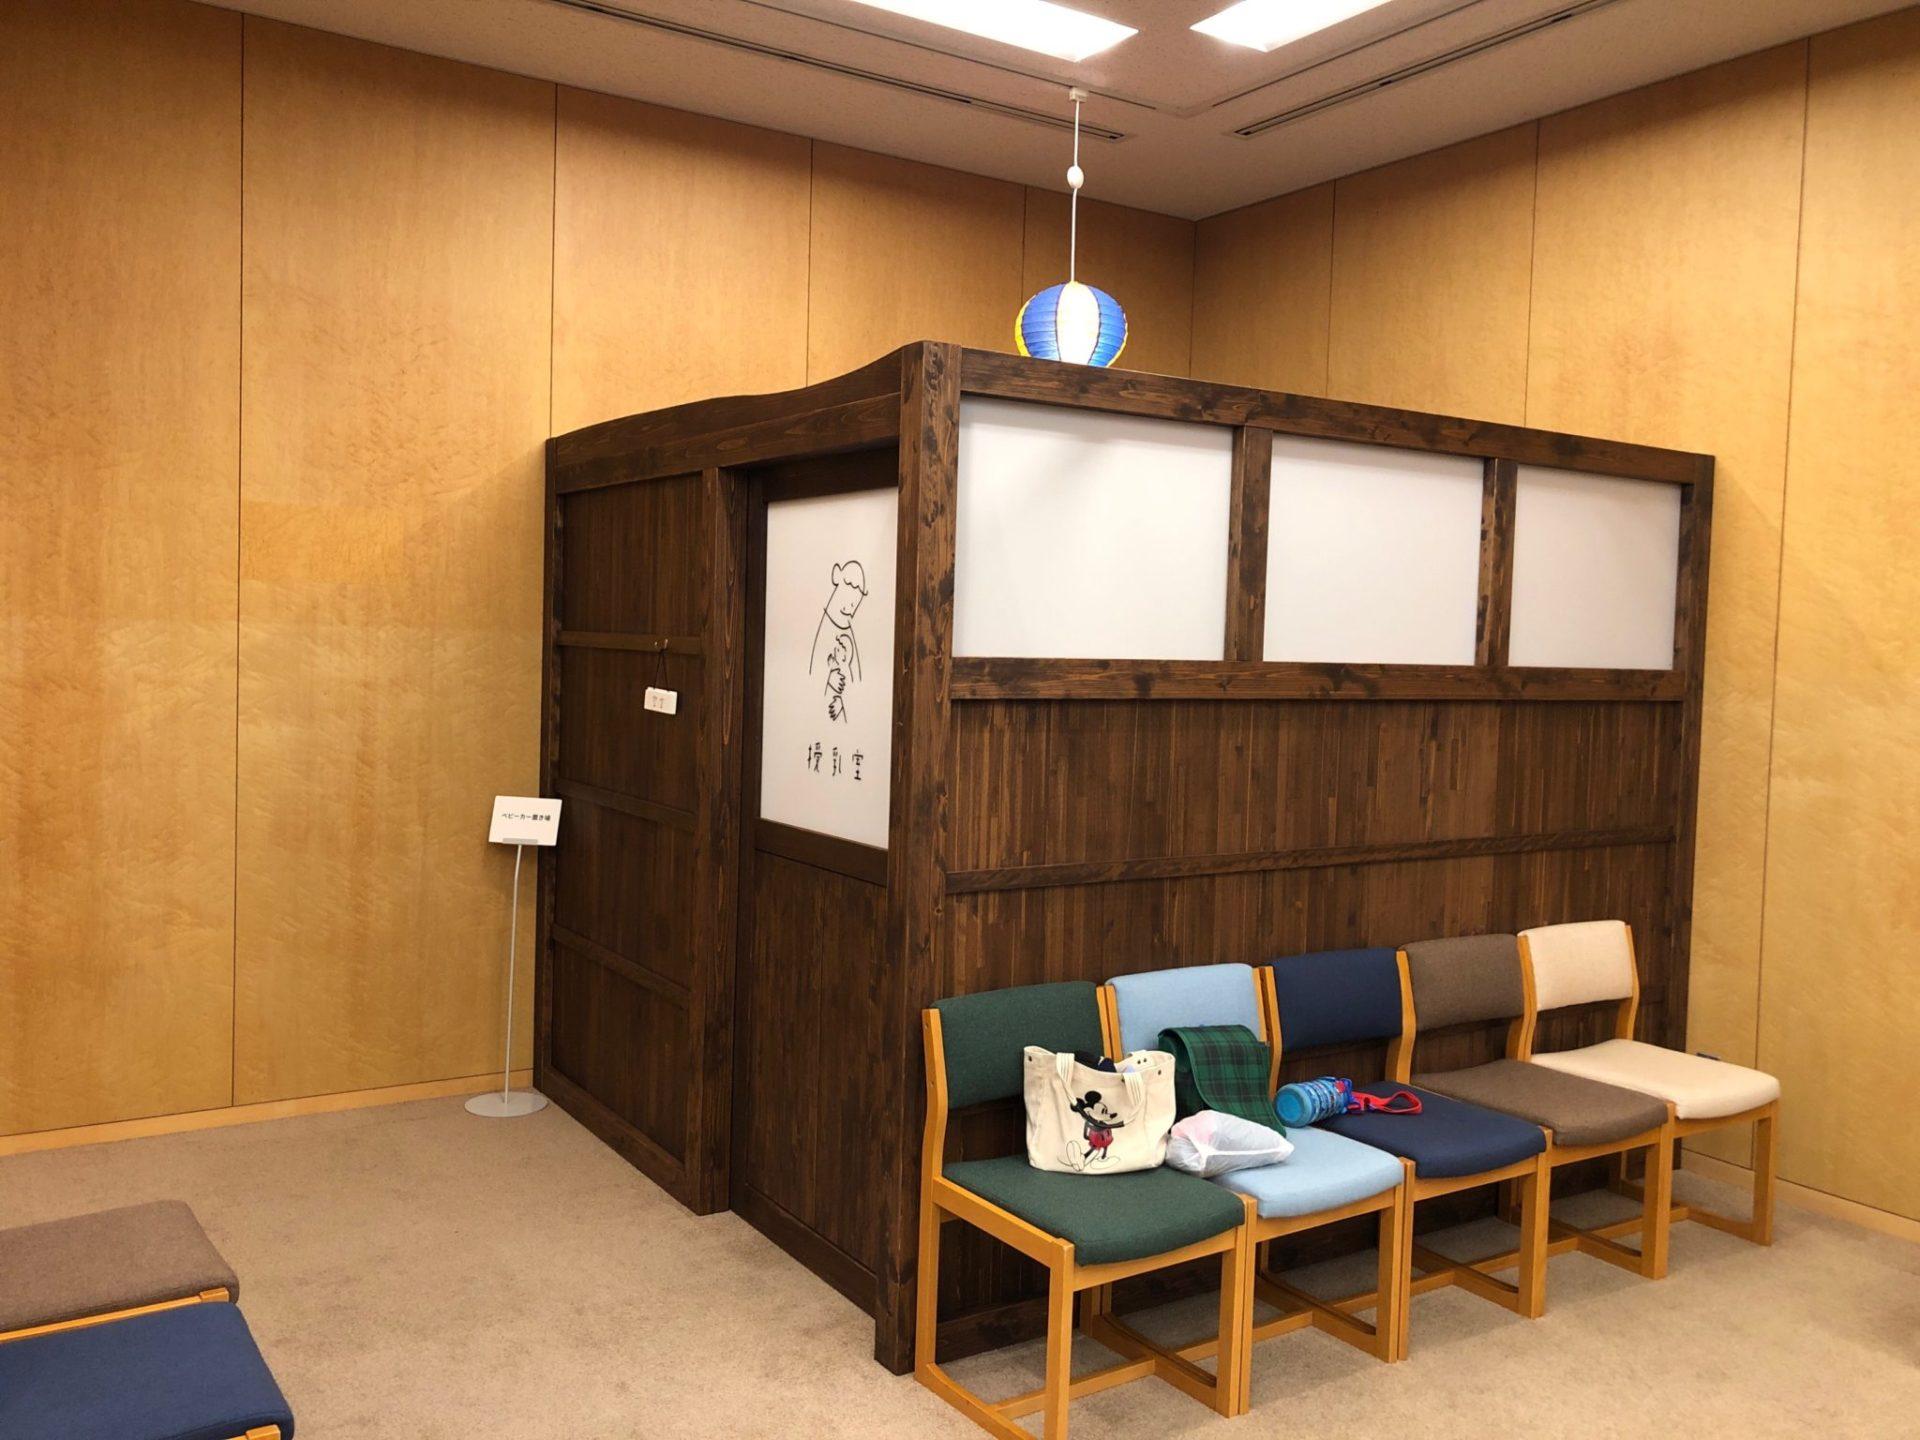 世田谷文学館 芦花公園のライブラリーにある授乳室